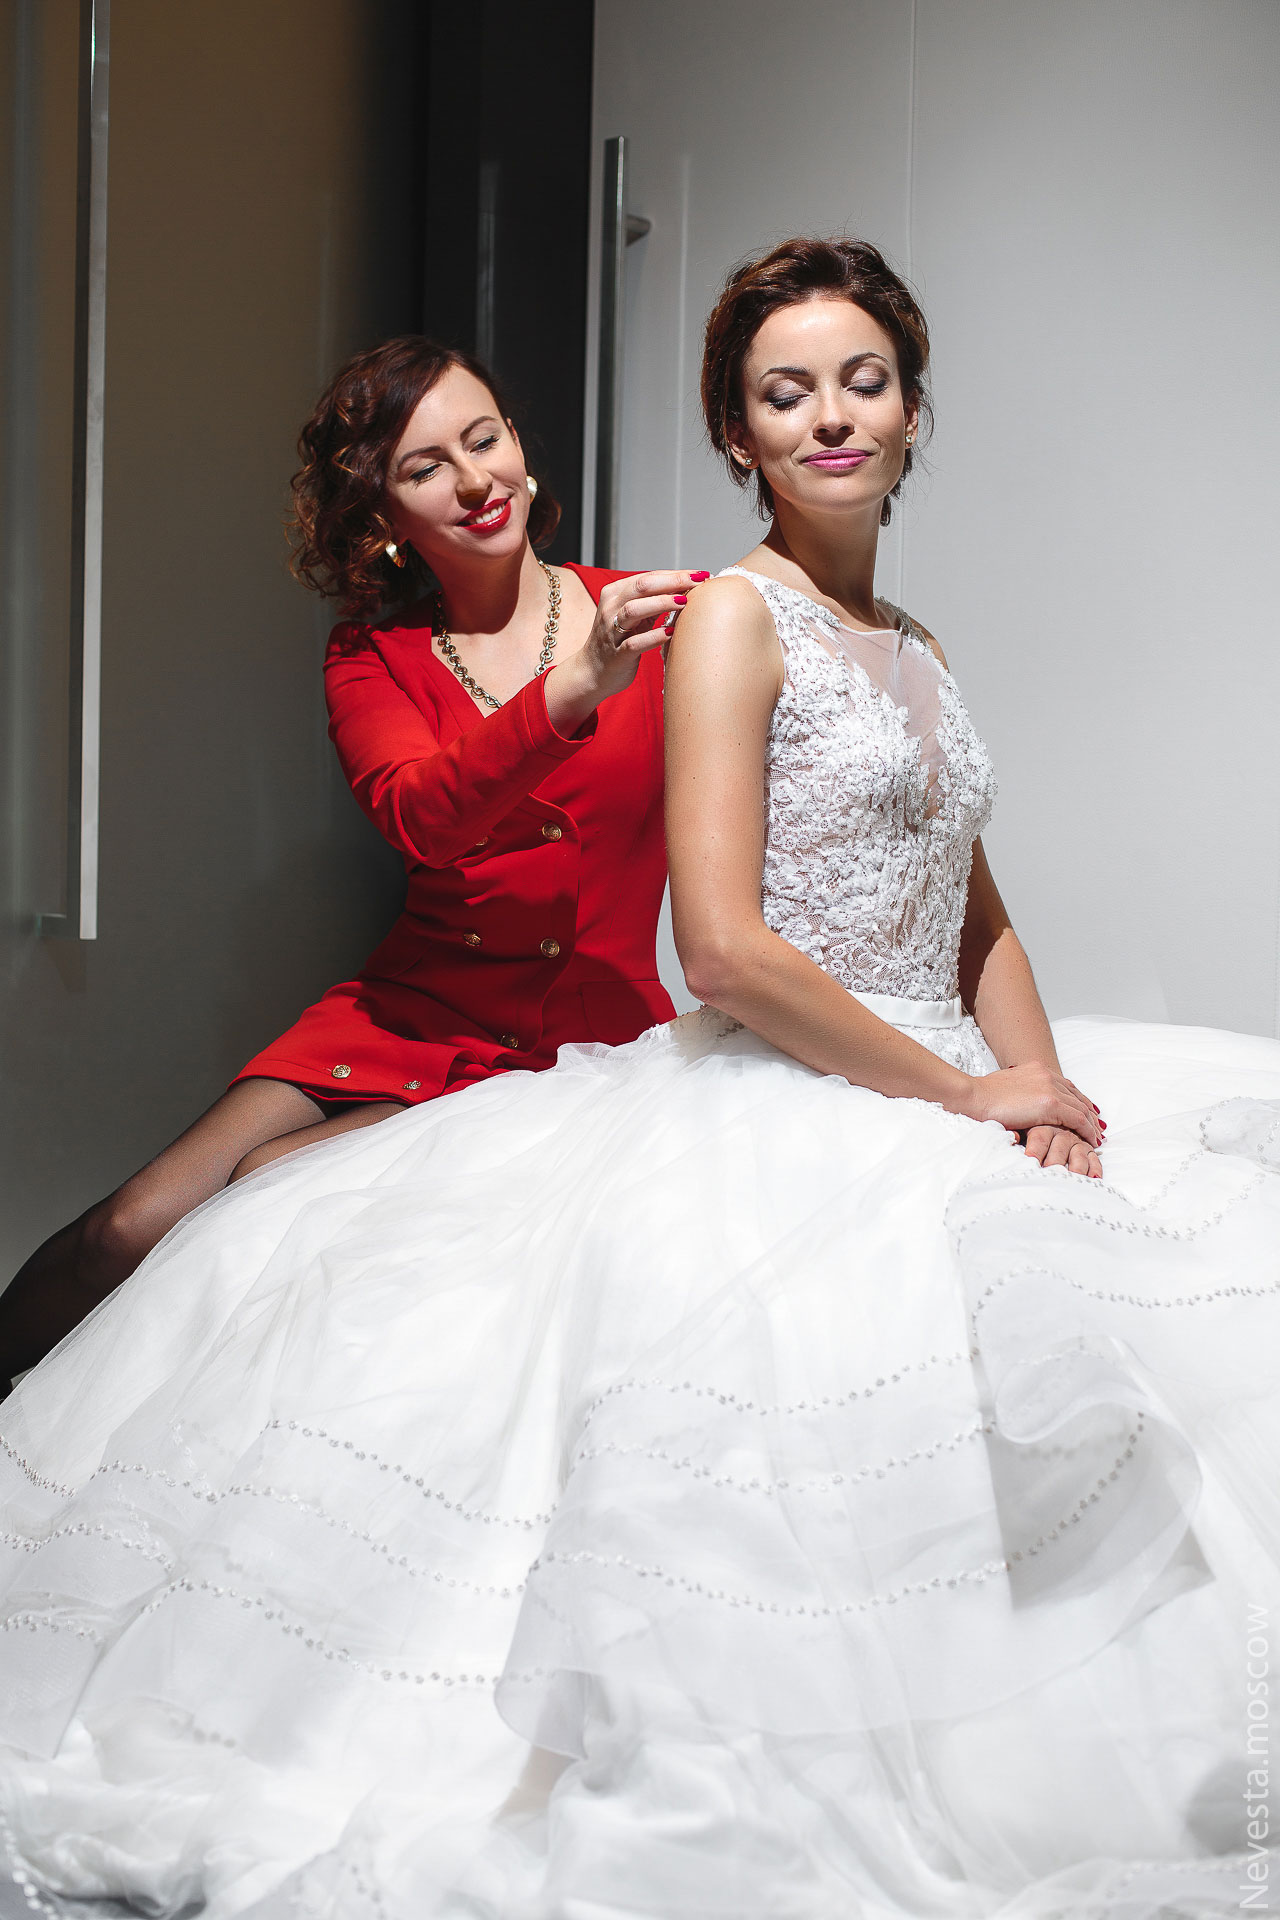 Актриса Ольга Зайцева примеряет образ для свадьбы в Альпах фото 12